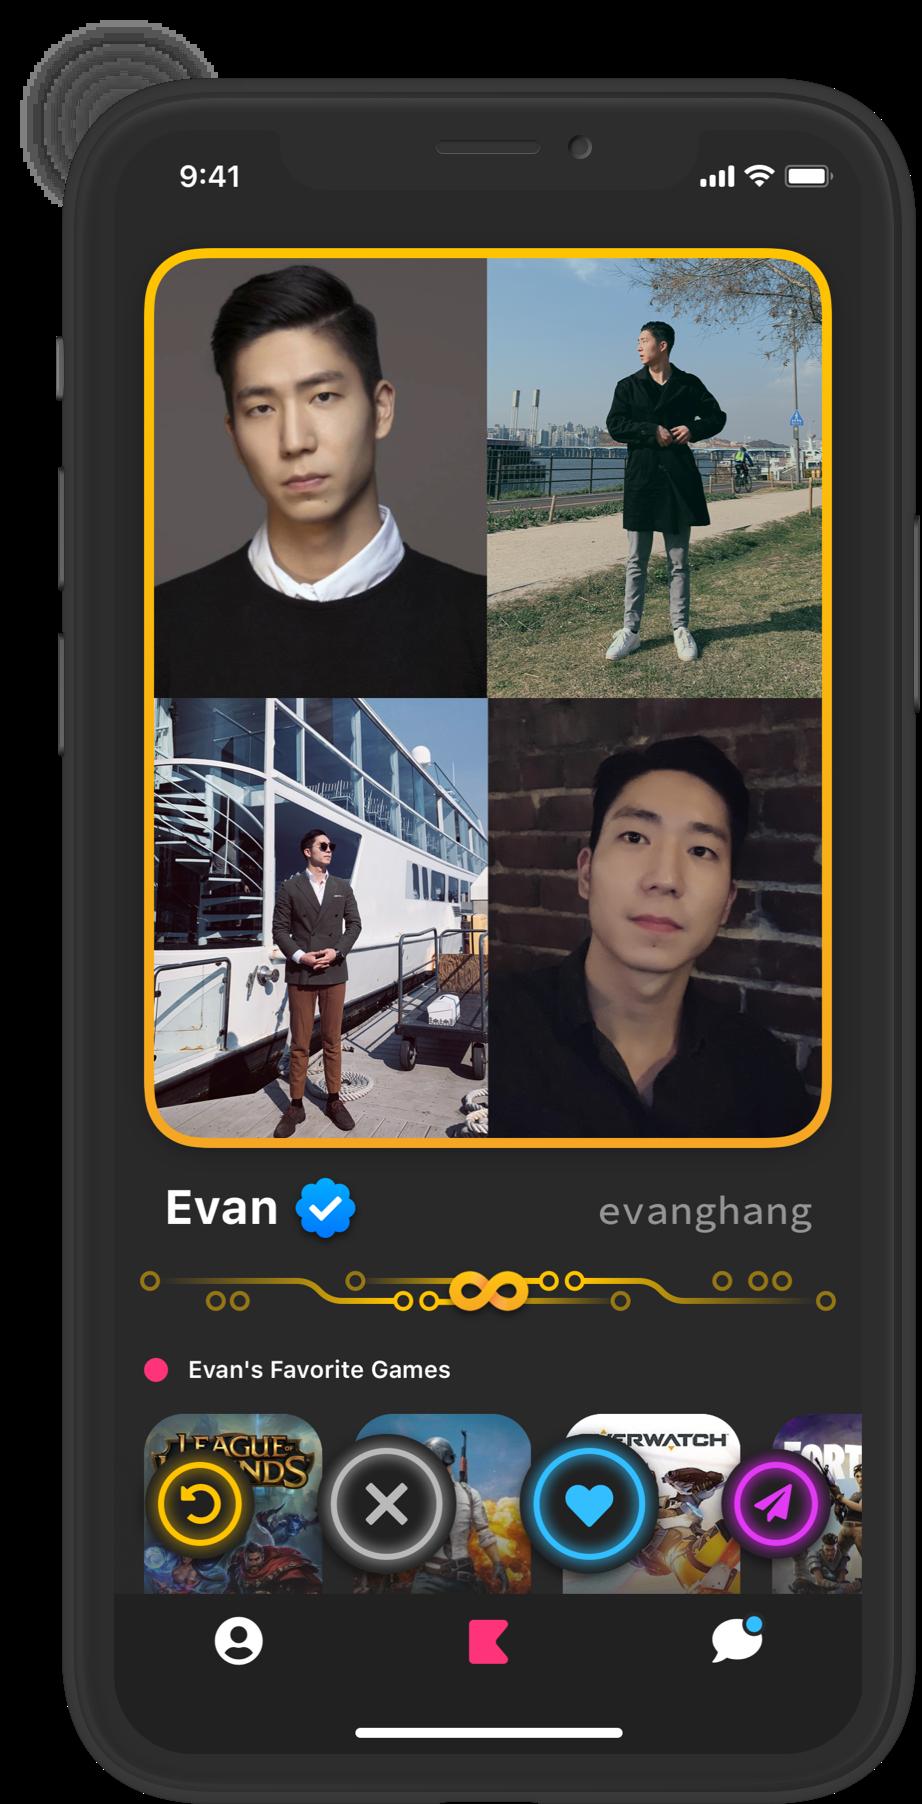 Evan's profile screenshot